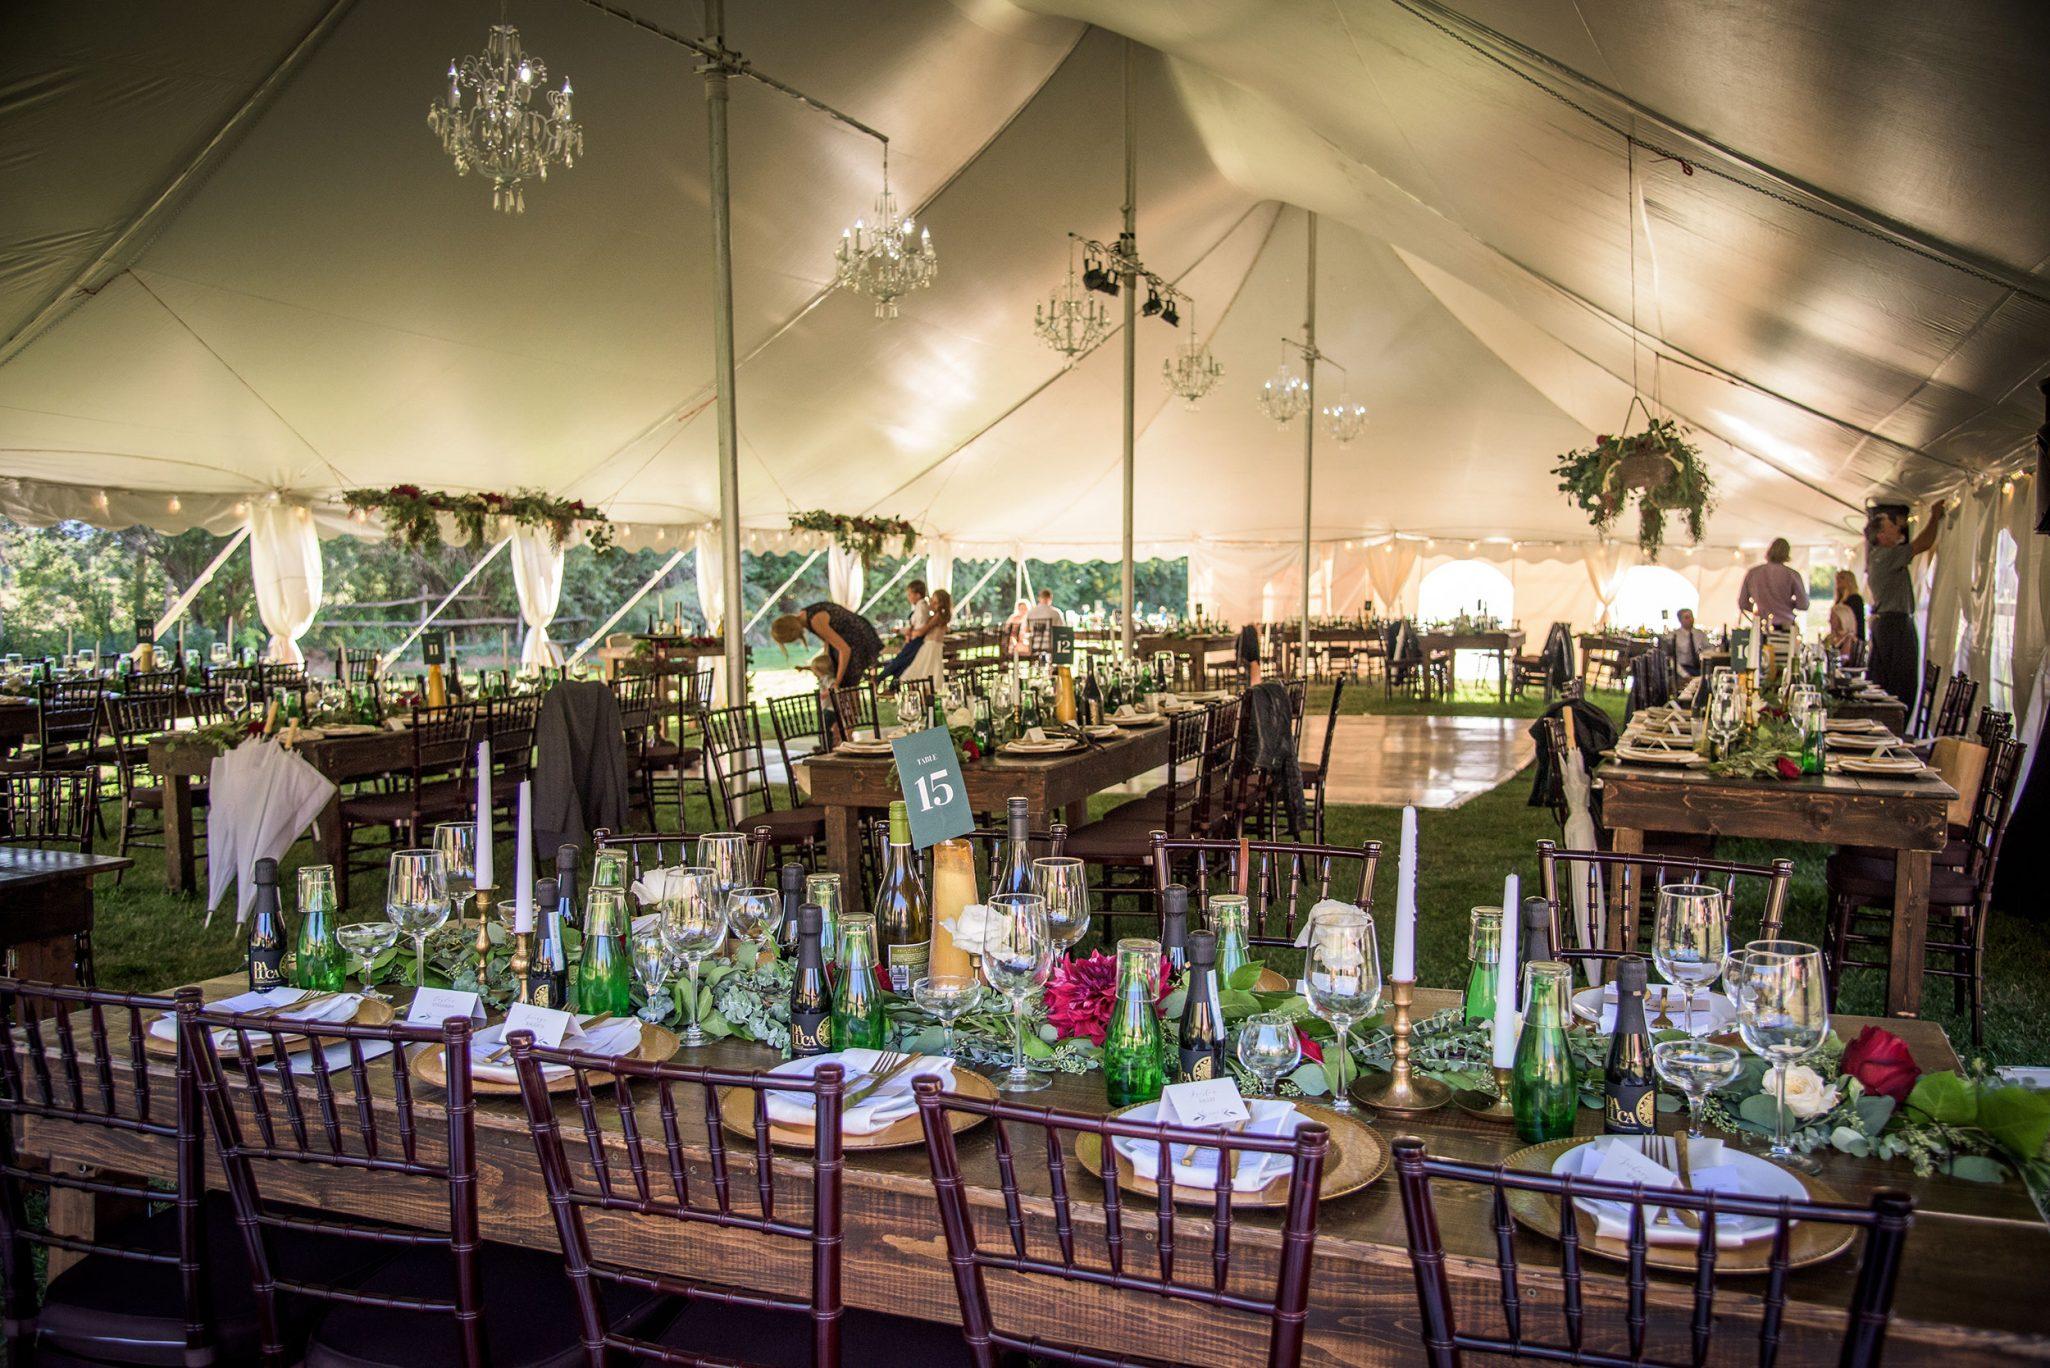 Rustic tent reception in Durango, Colorado